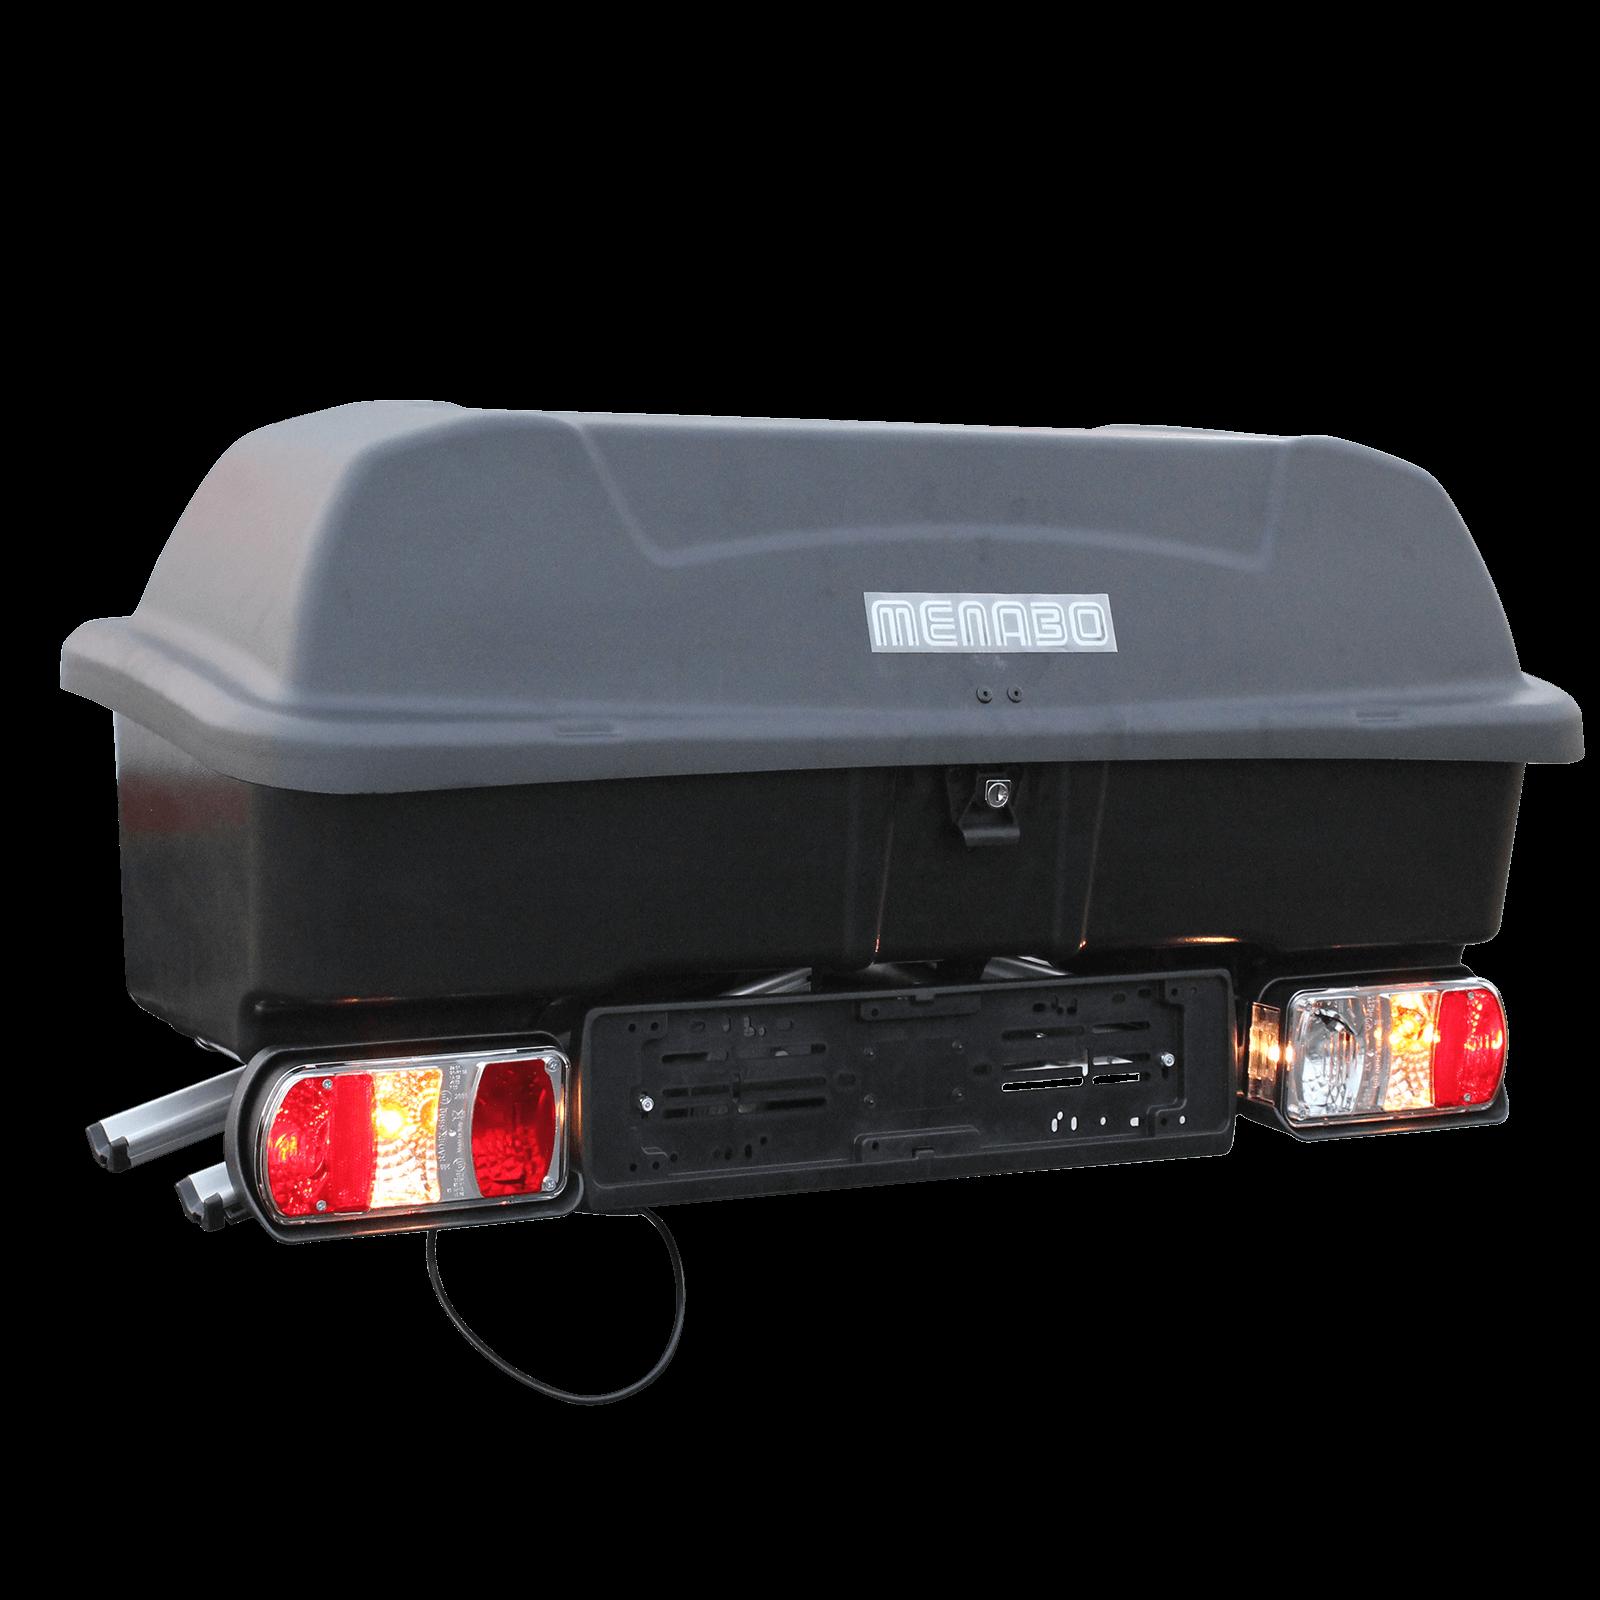 fahrradtr ger inkl transportbox wi box f r 2 fahrr der. Black Bedroom Furniture Sets. Home Design Ideas